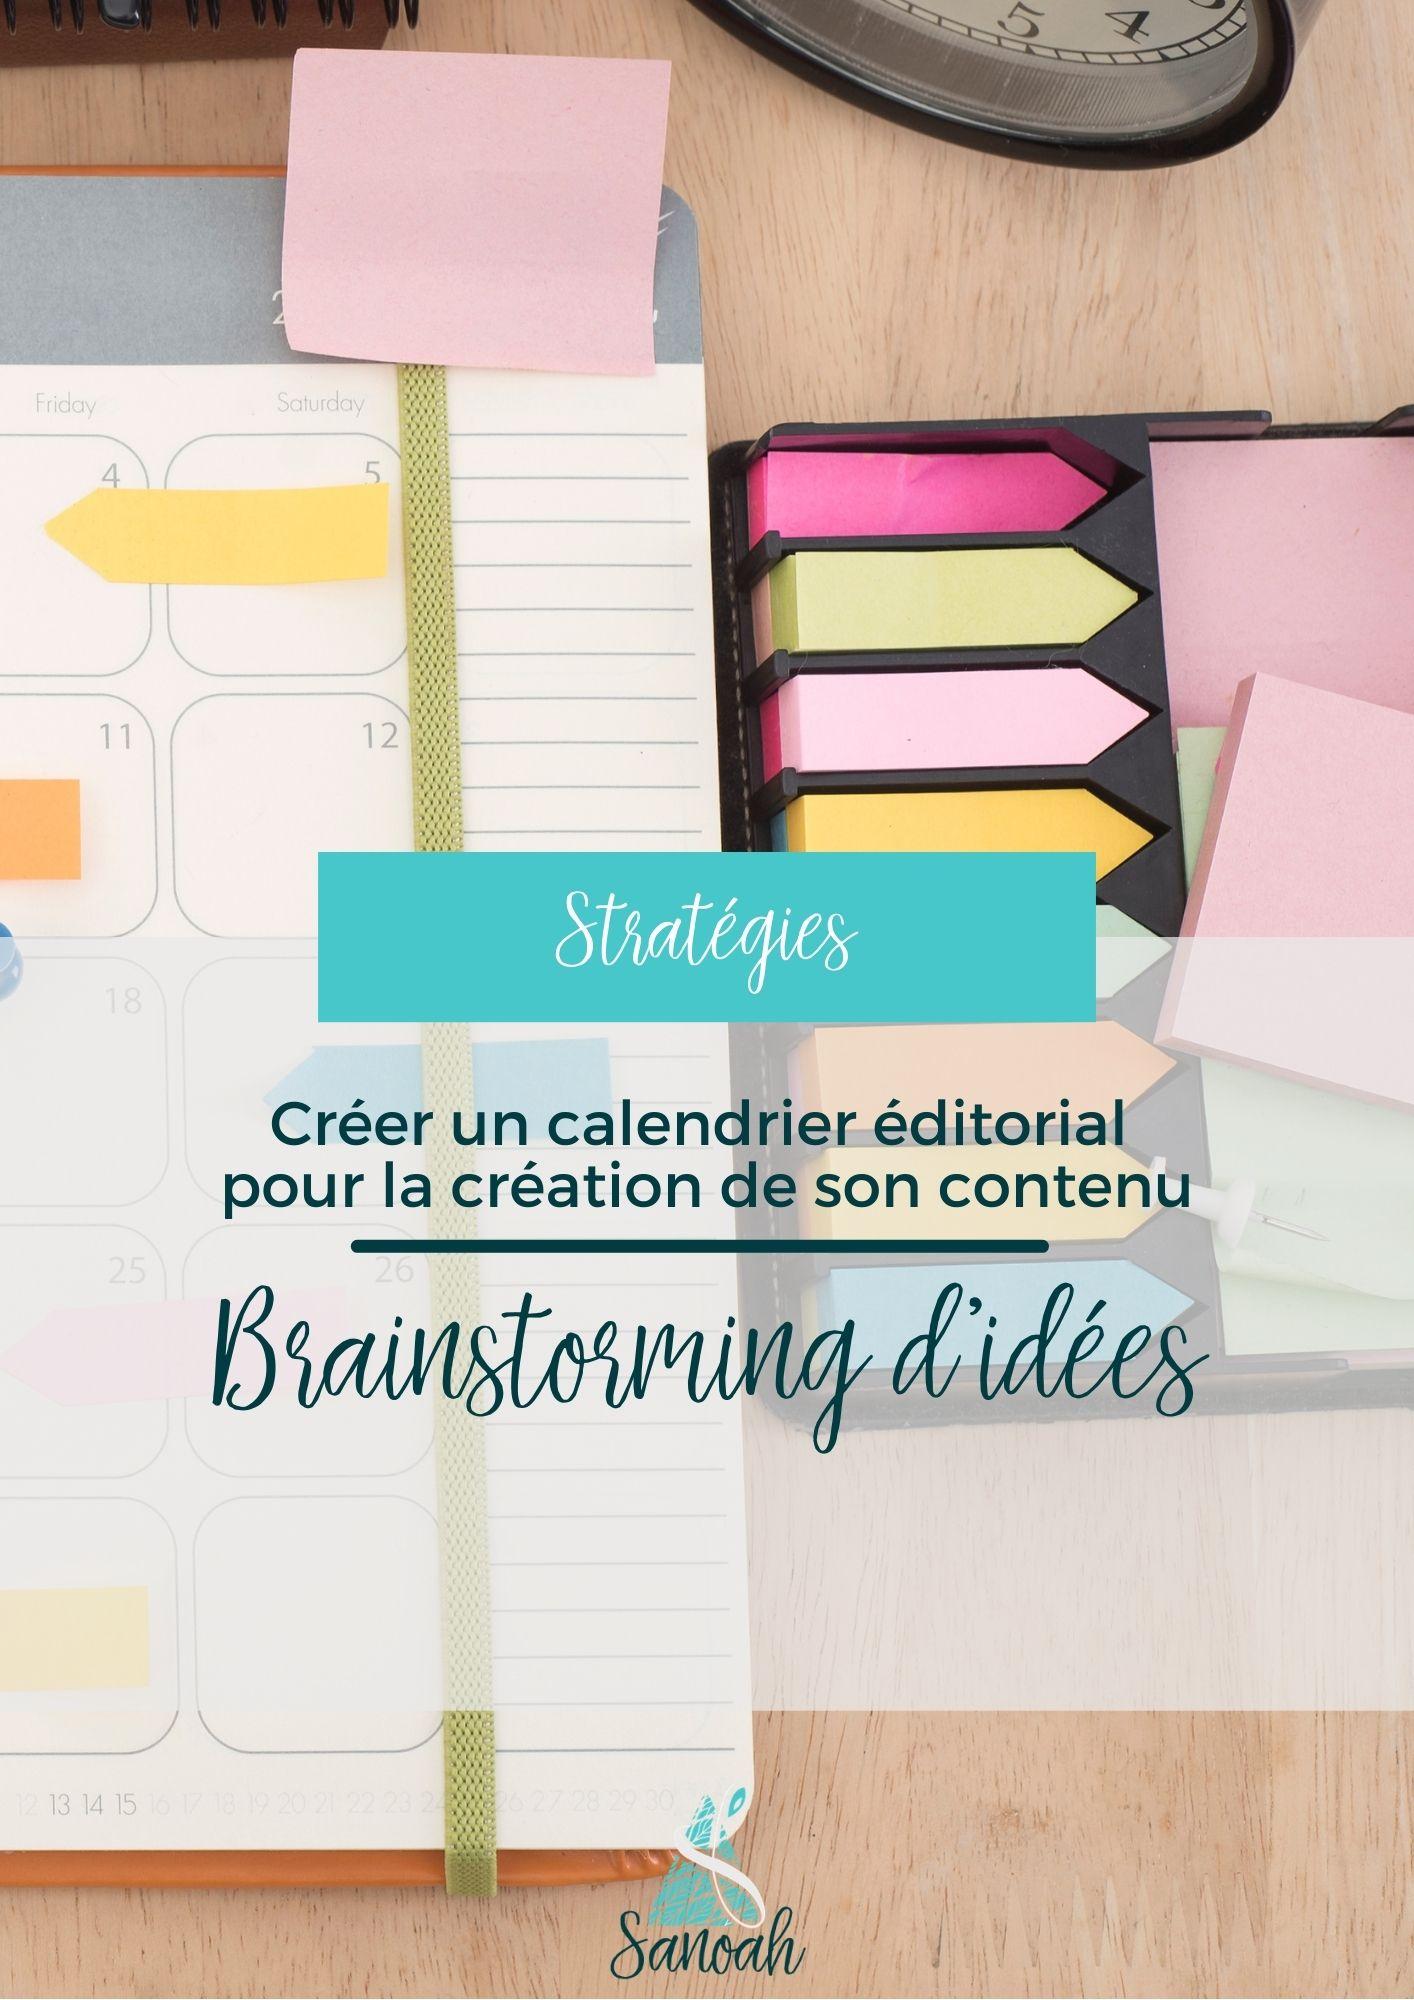 Créer un calendrier éditorial pour la création de son contenu_Brainstorming d'idées